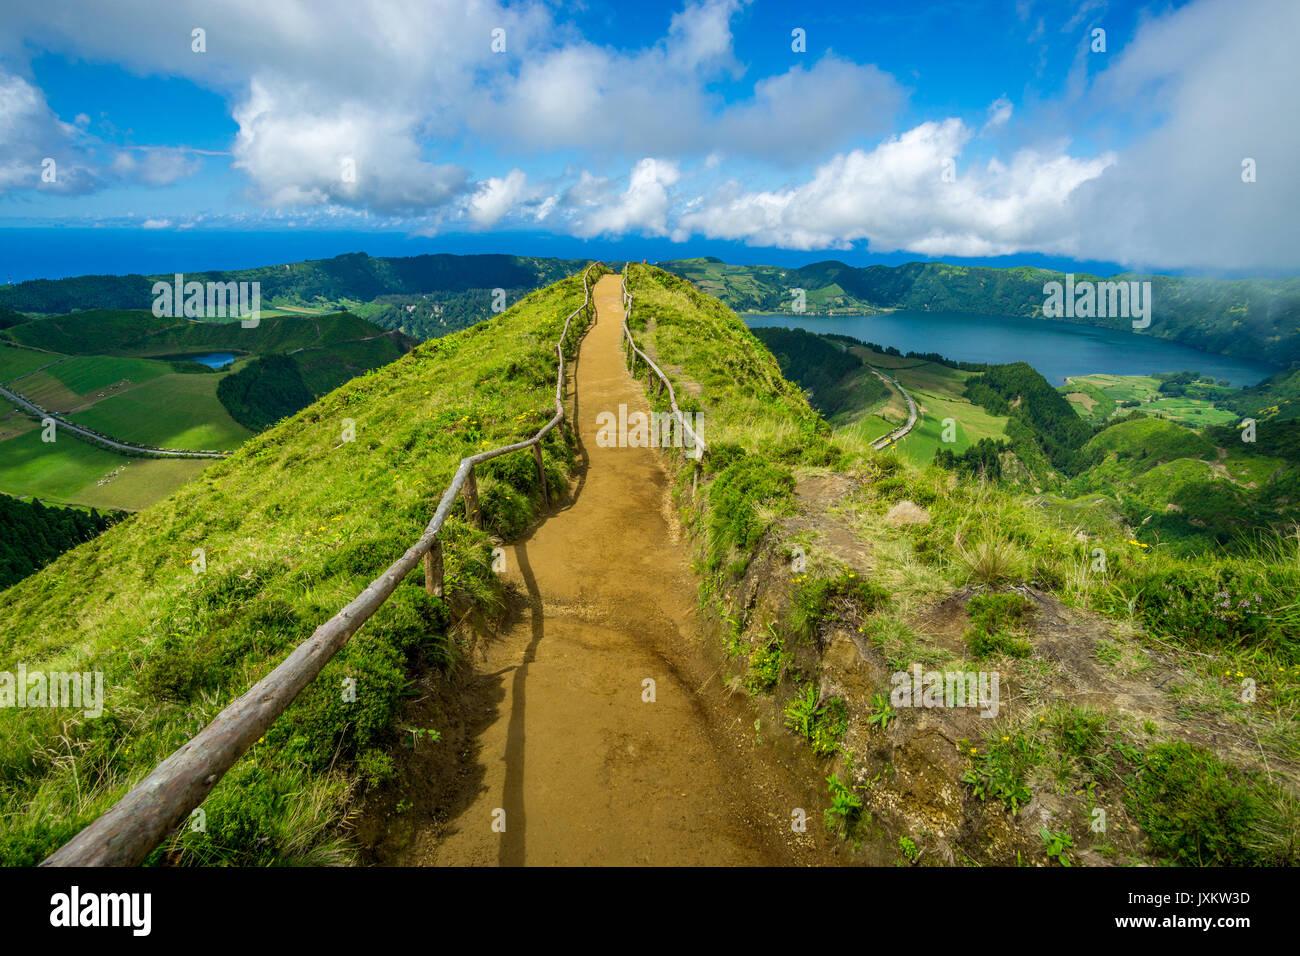 Path along the Miradouro da Boca do Inferno (viewpoint), with Lagoa Verde, Lagoa Azul and the ocean in the background. Sete Cidades, Azores - Stock Image